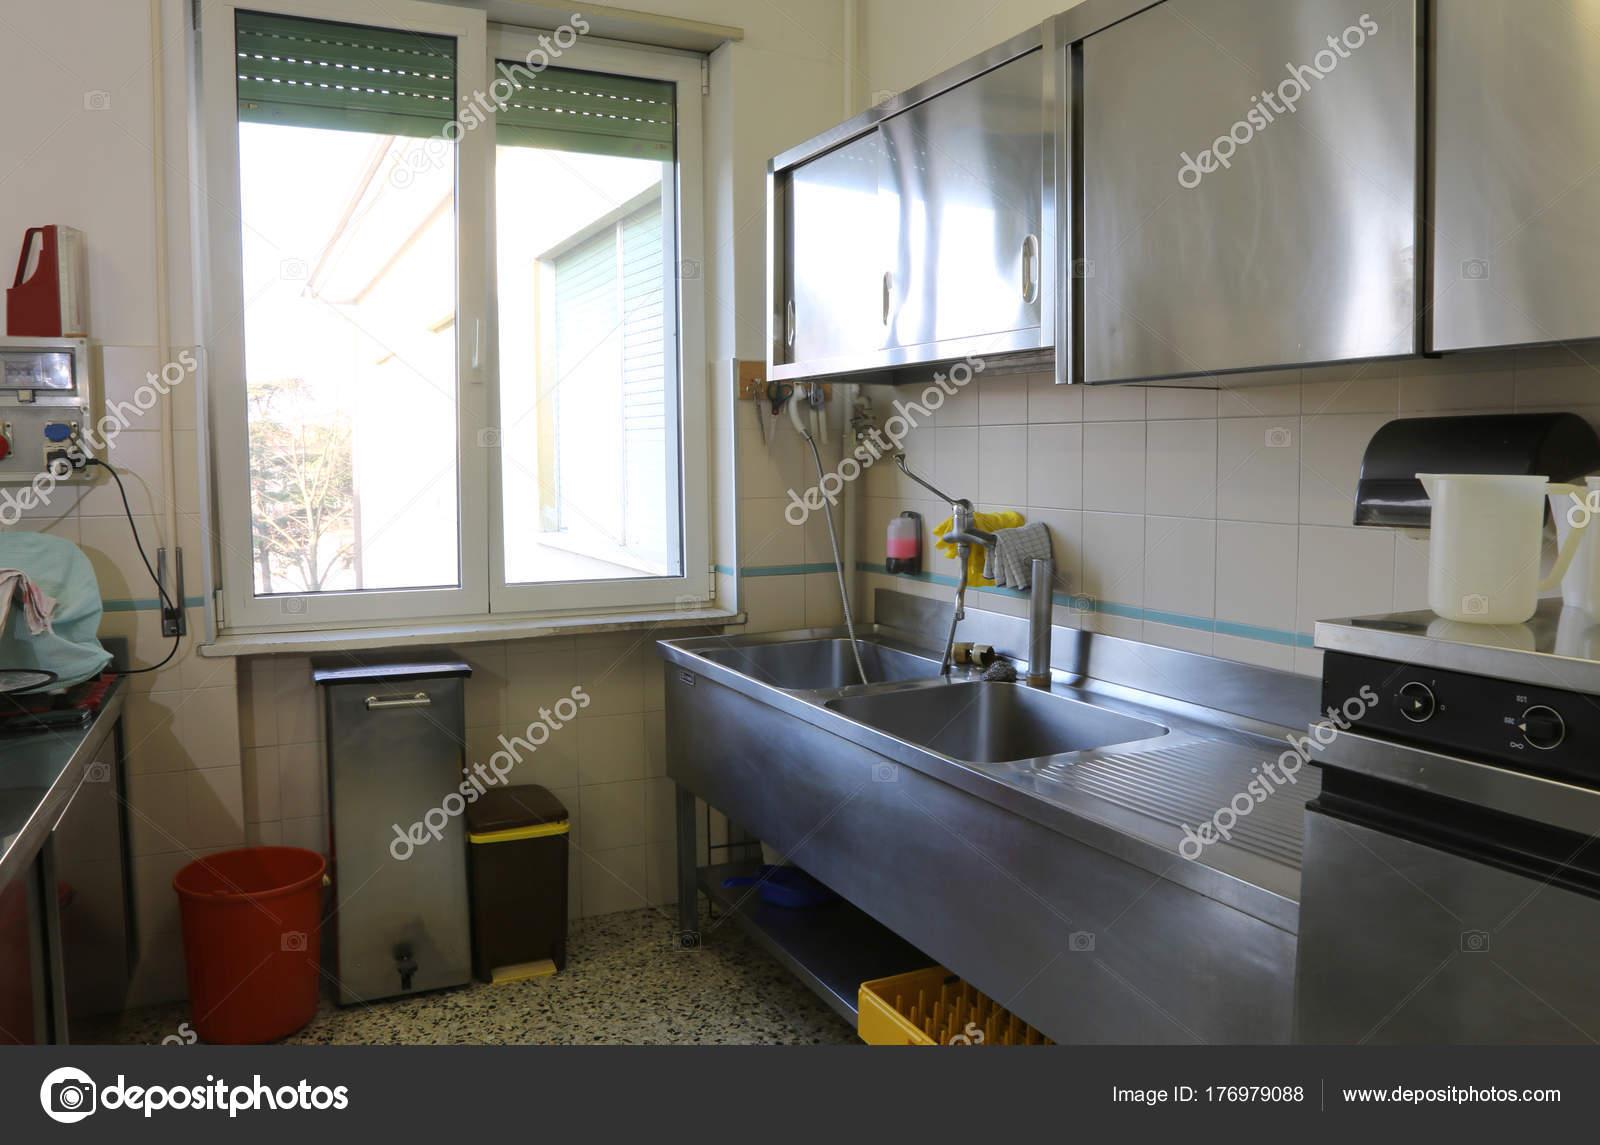 Cocina industrial con muebles de acero de la mancha — Foto ...